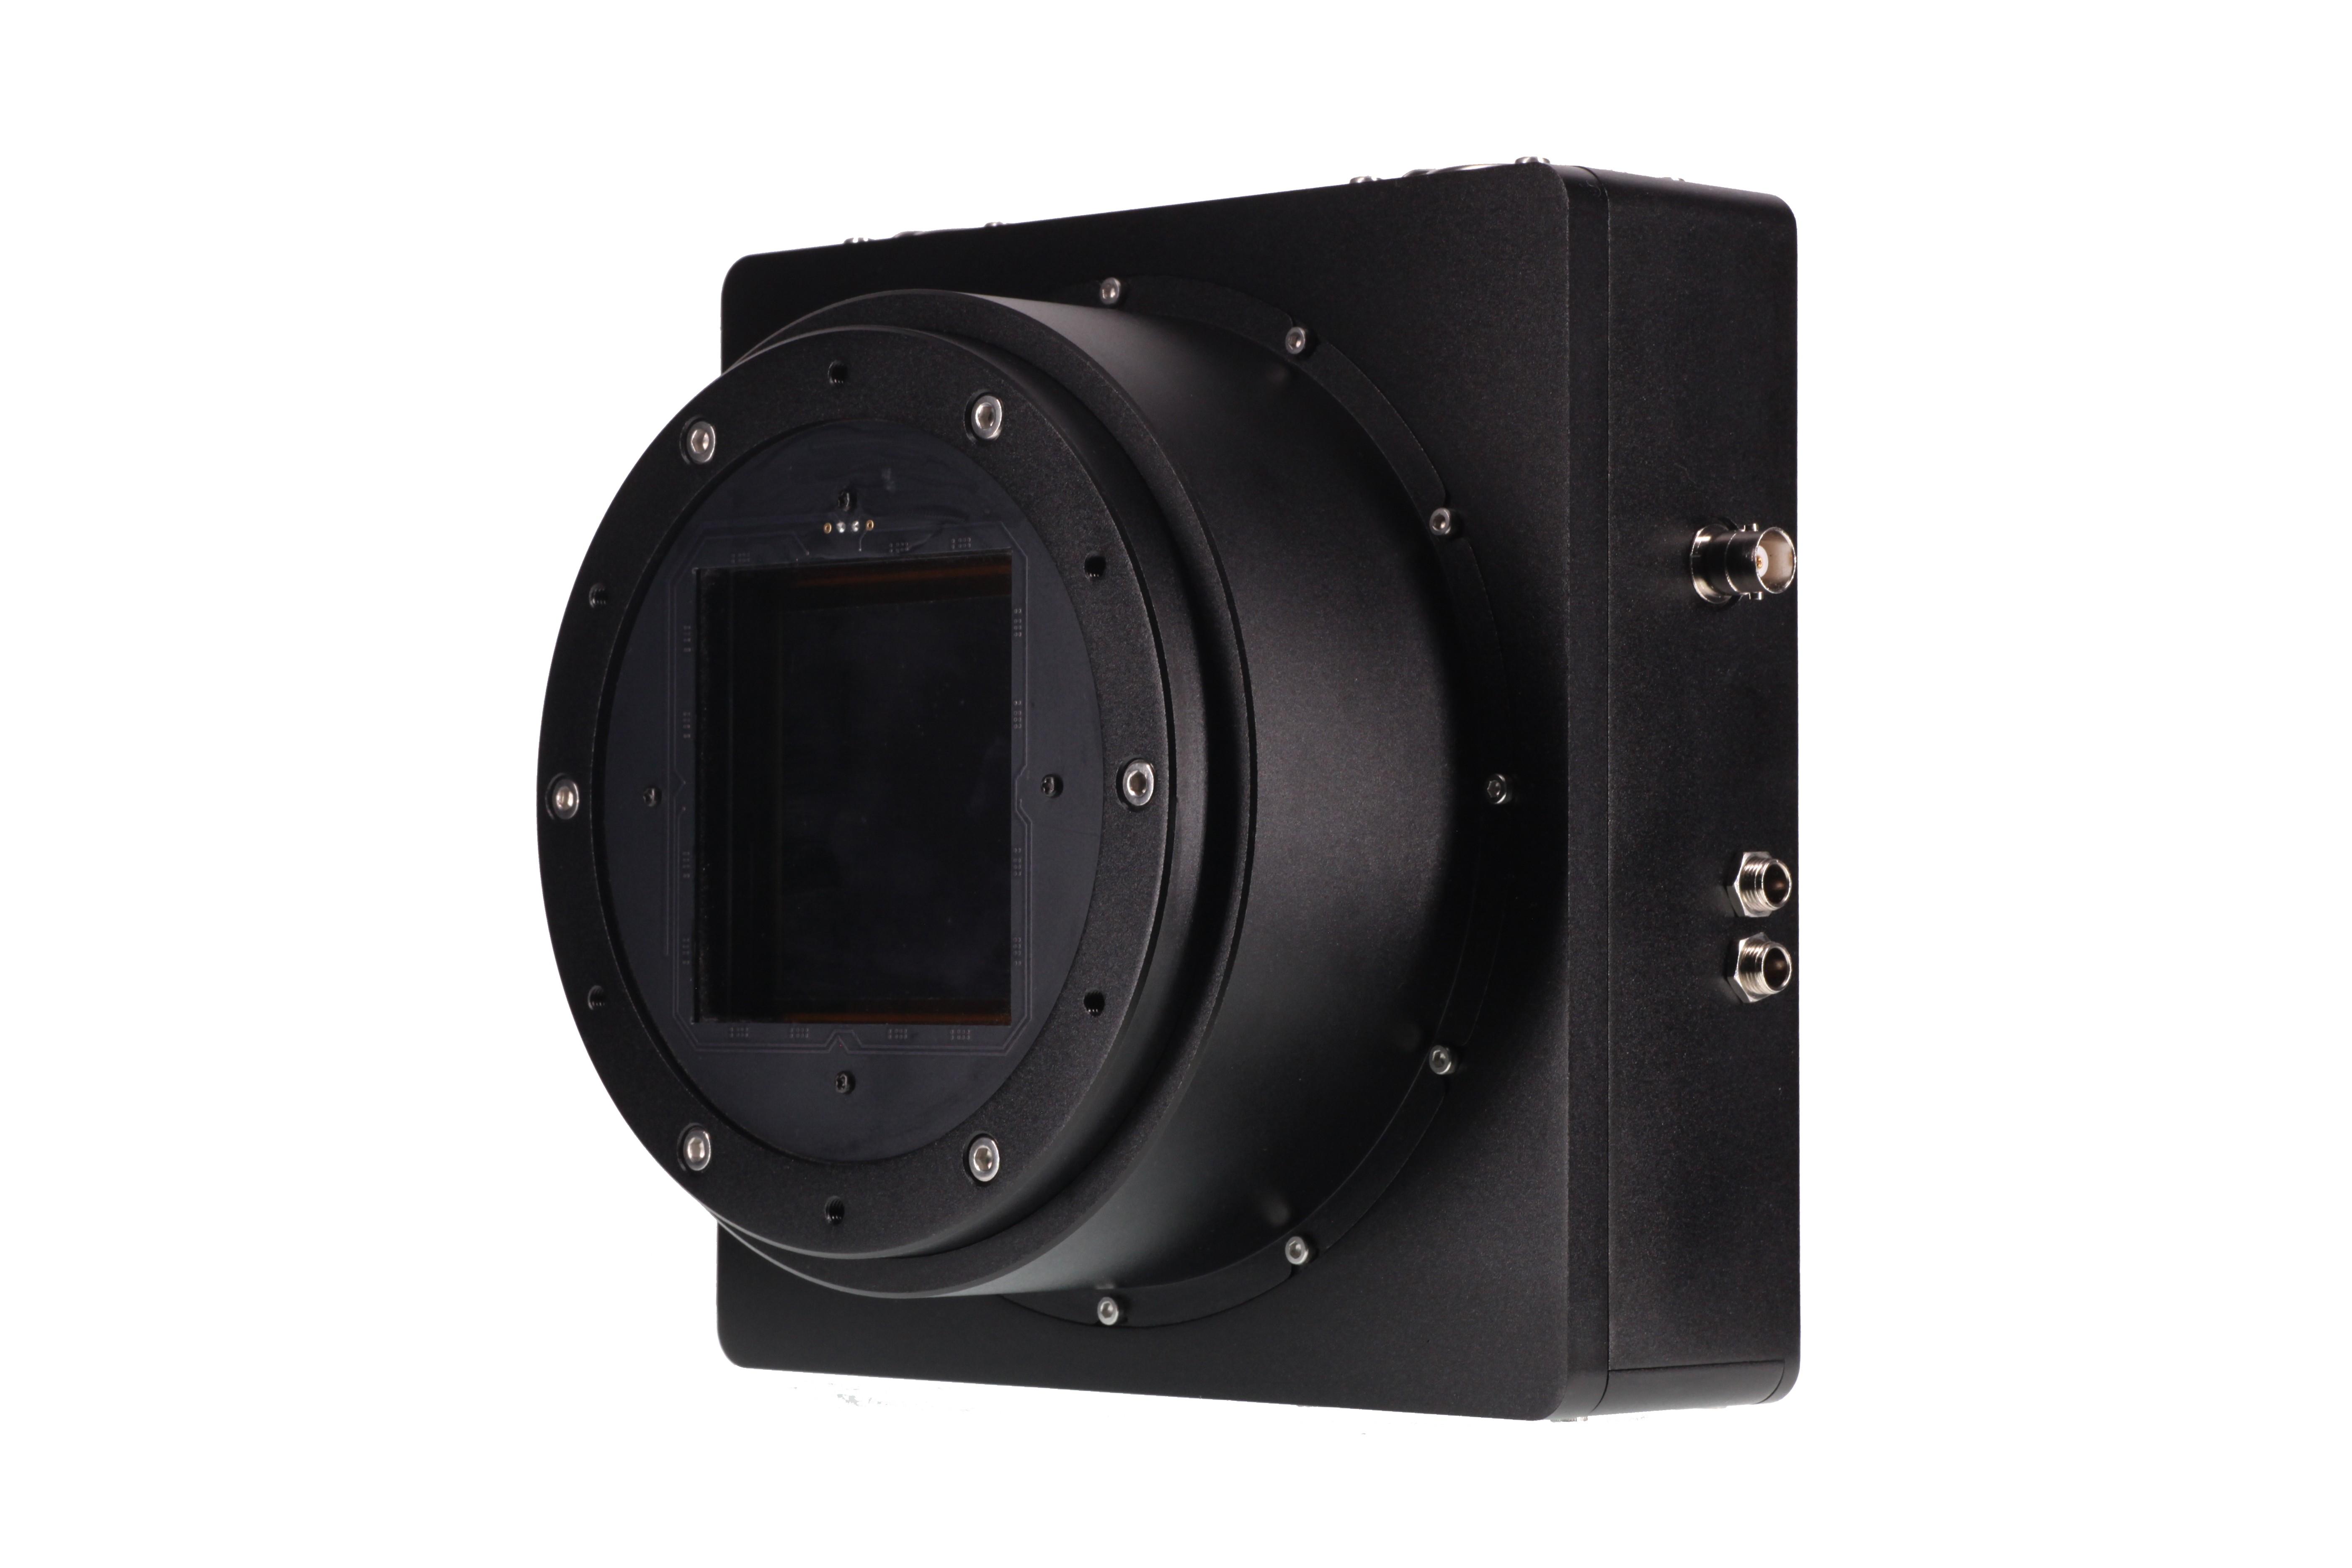 QHY6060 BSI / FSI Cooled Scientific Cameras